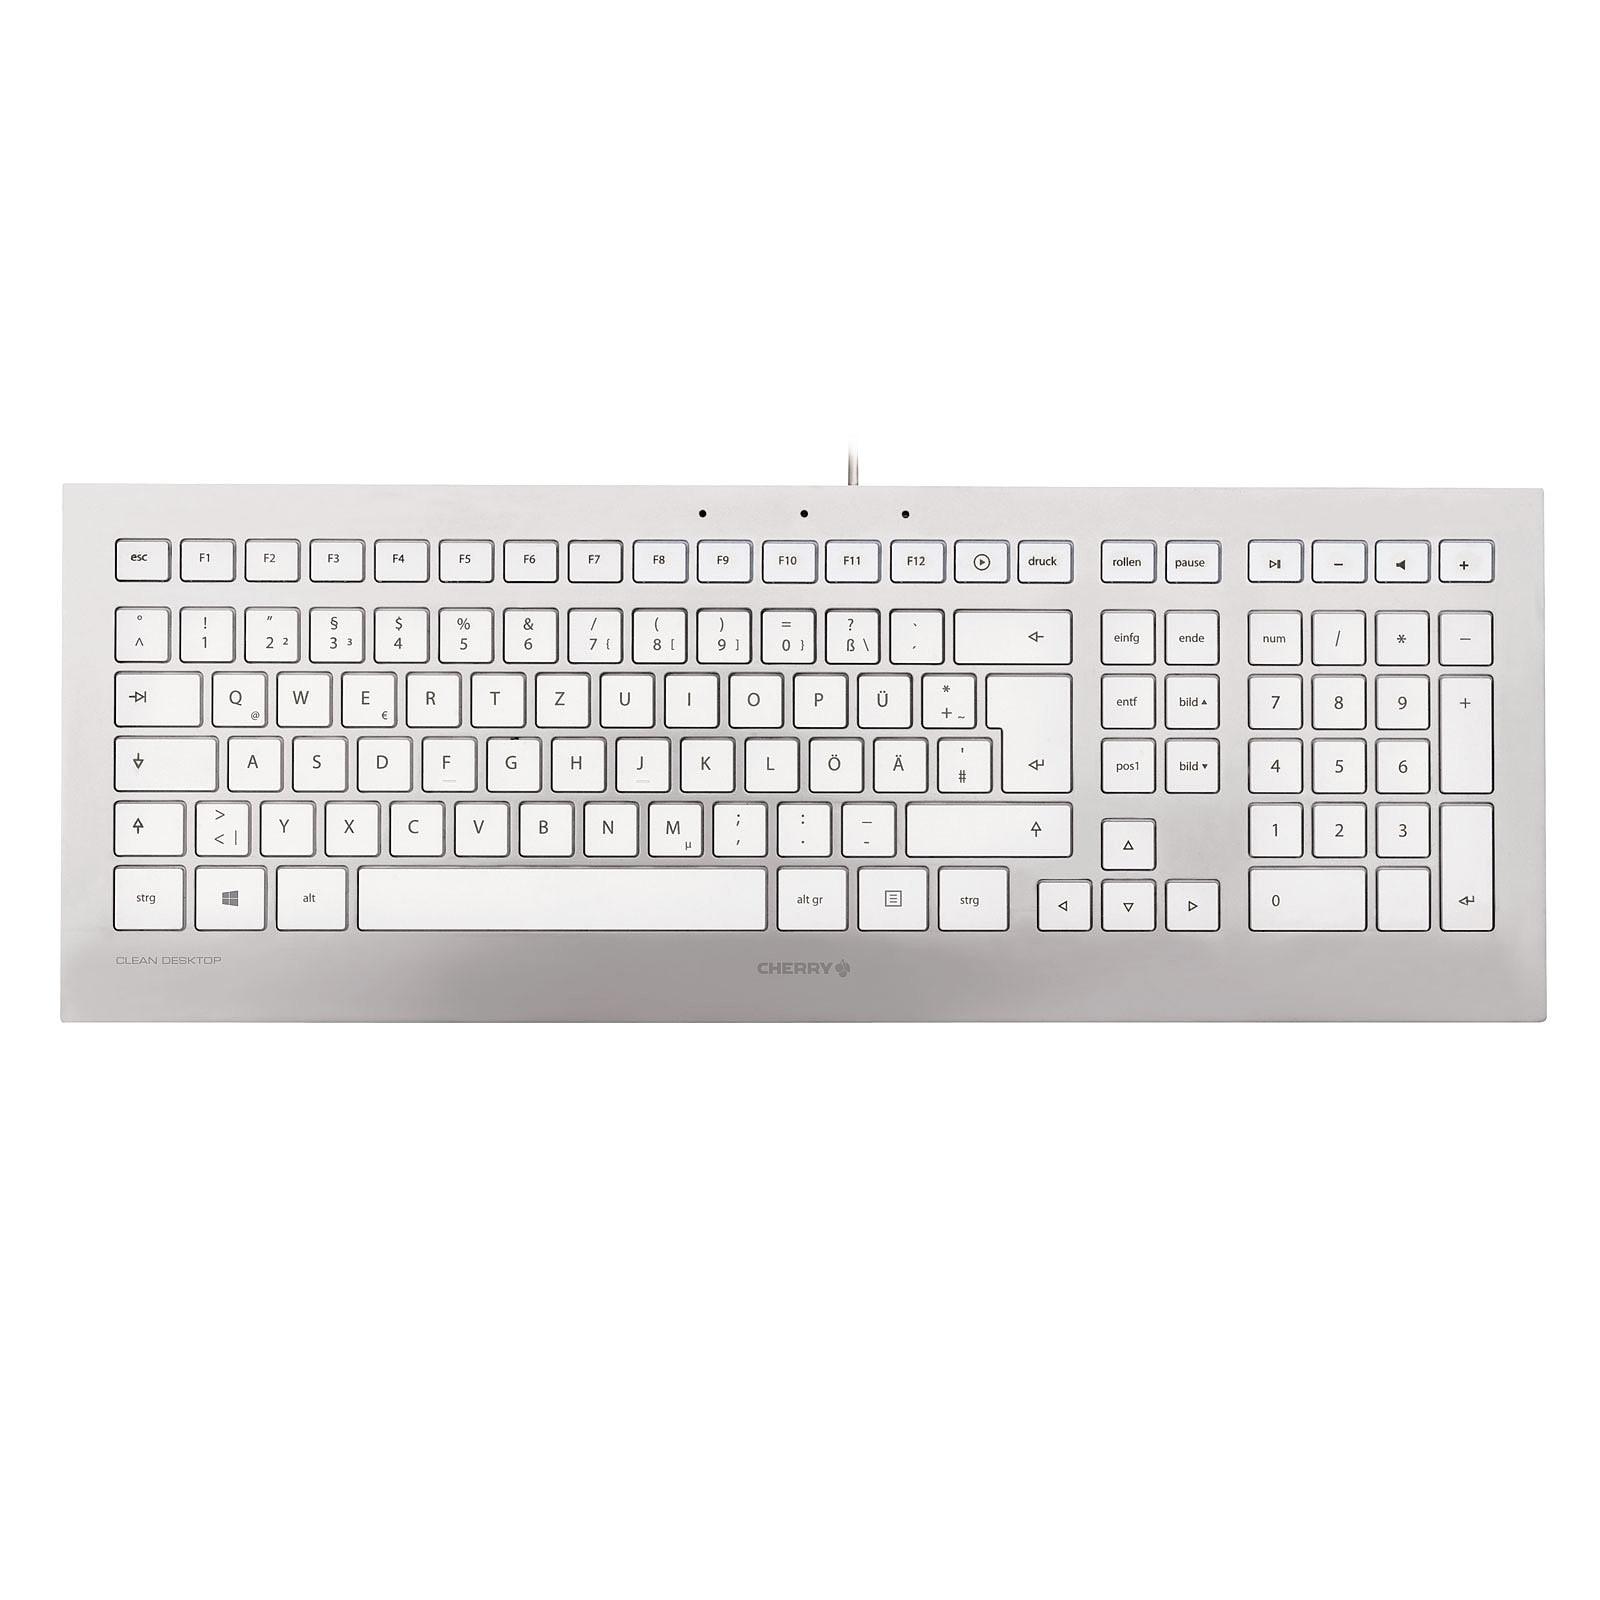 bruit relaxant clavier ordinateur et chuchotement